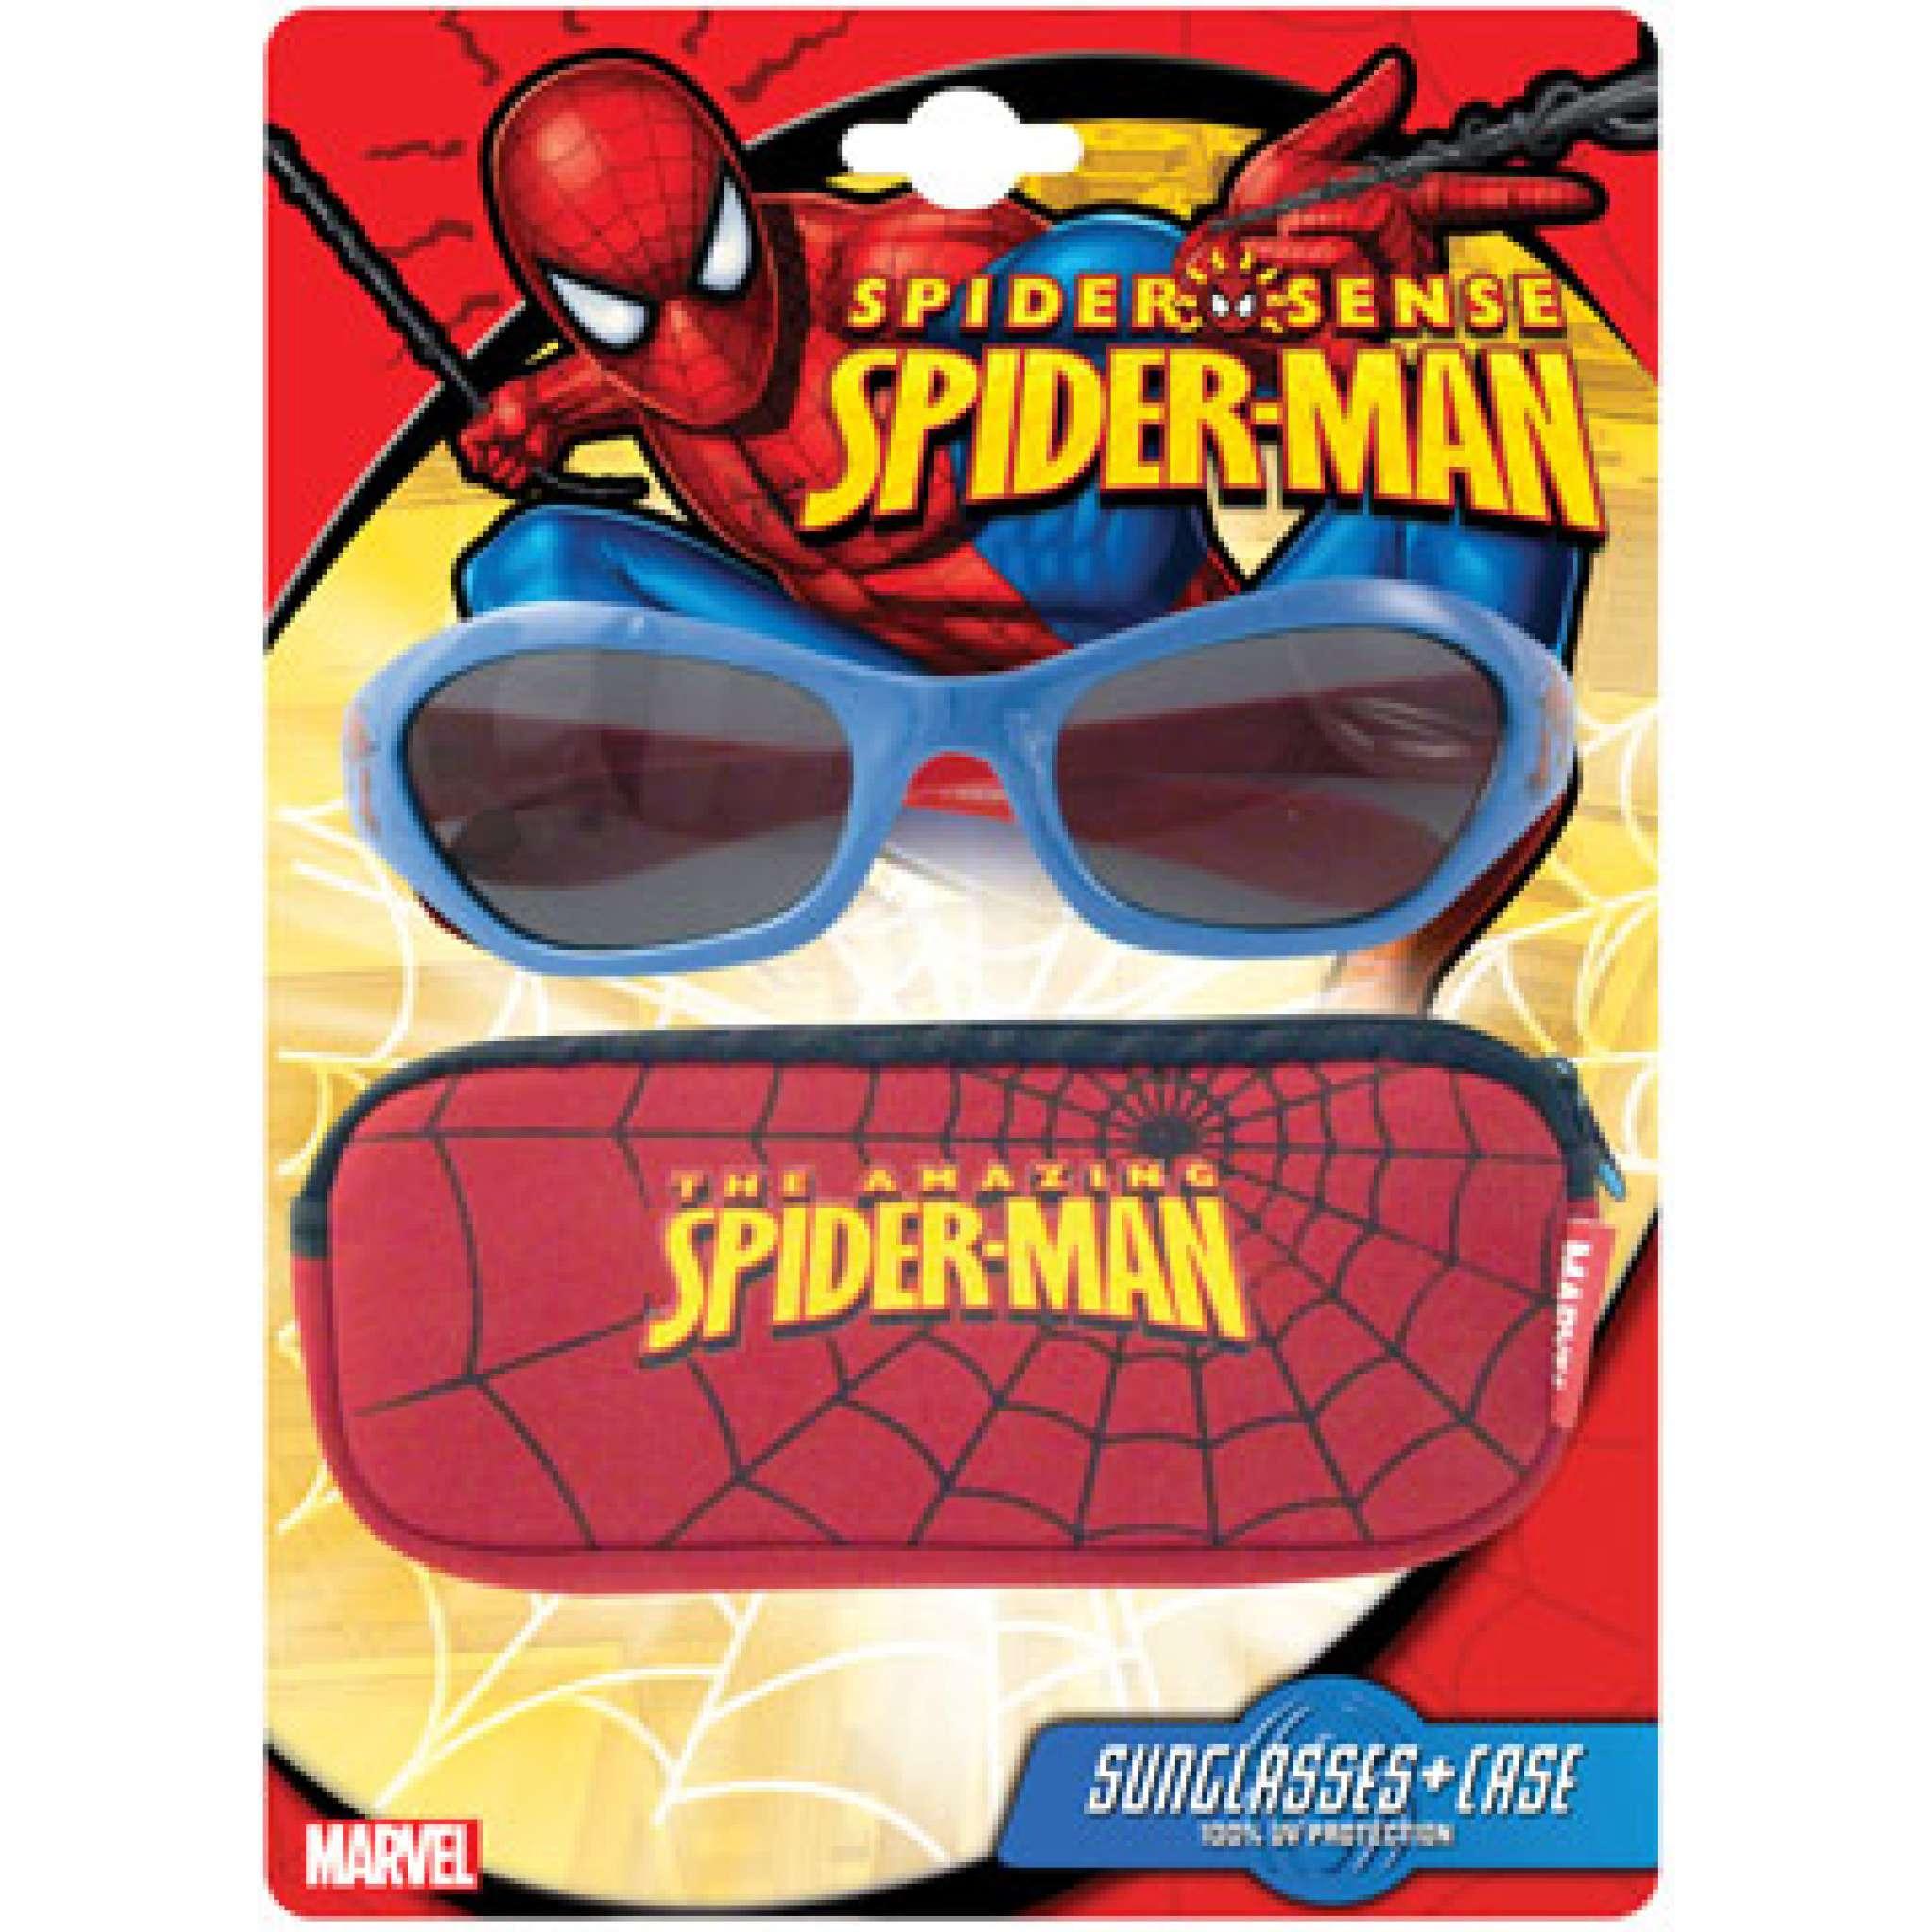 Spiderman solglasögon